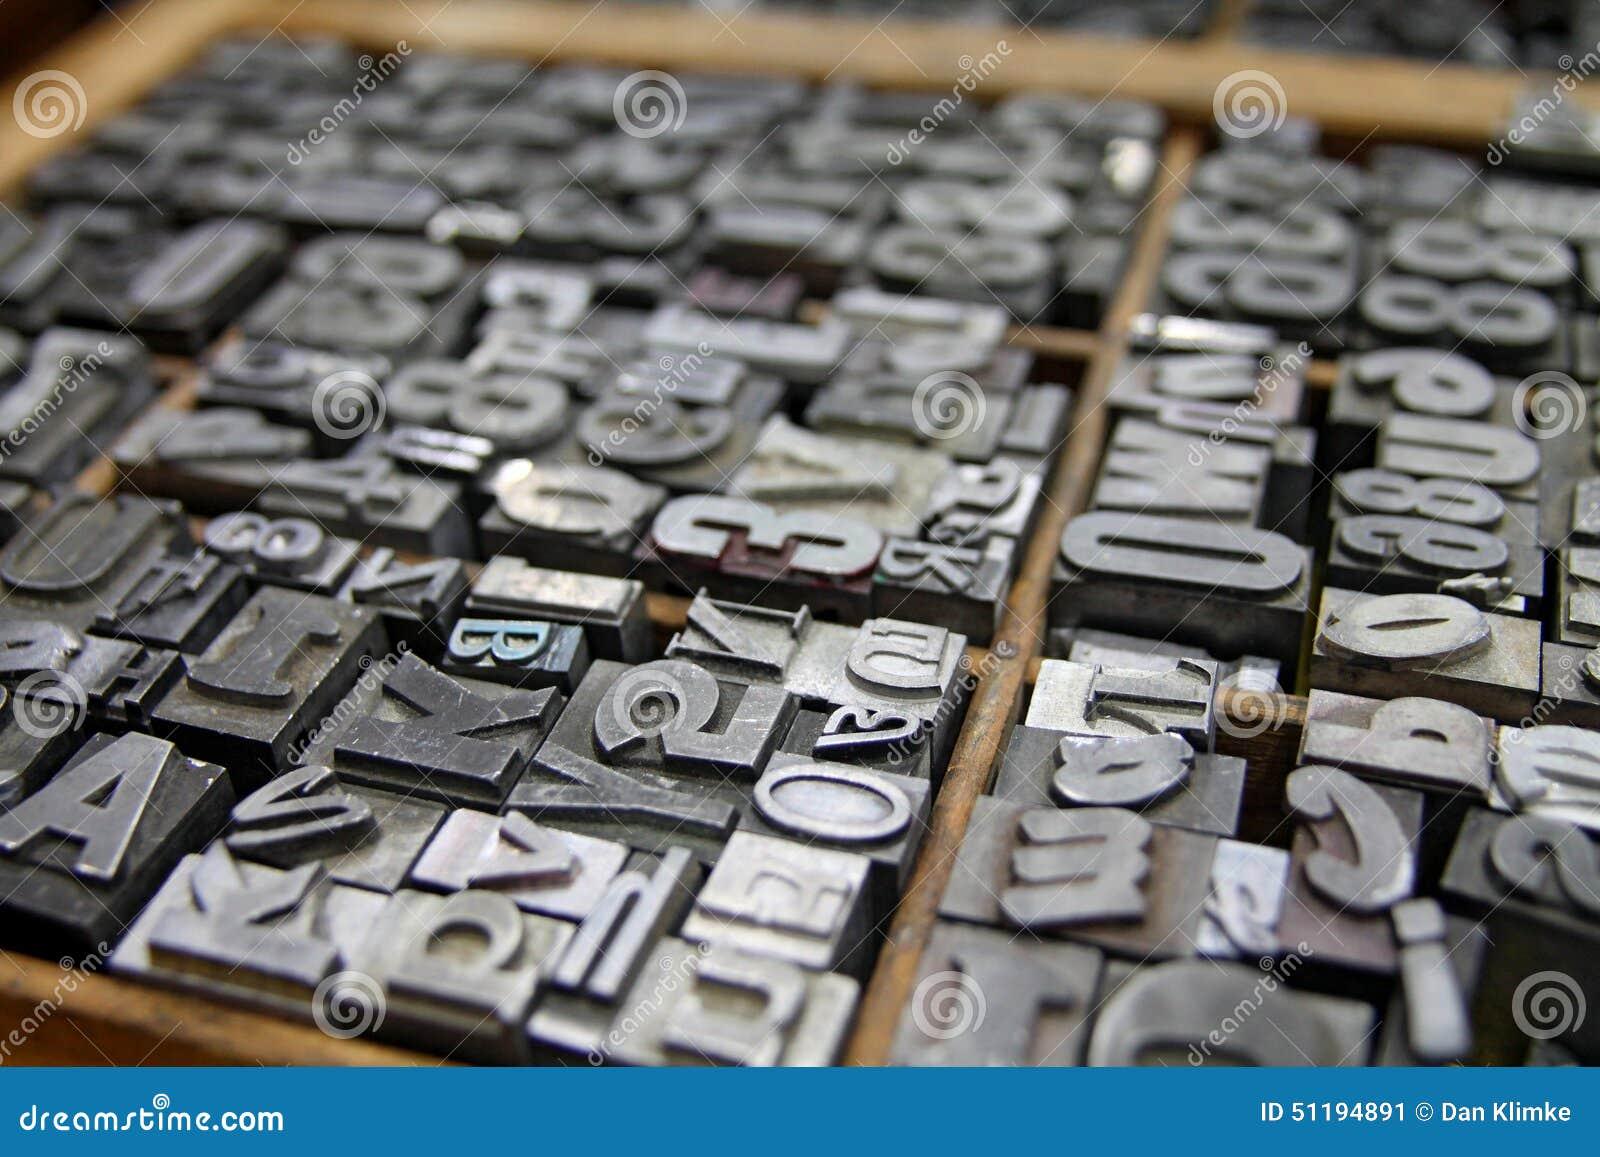 La prensa de copiar del metal mecanografía adentro a impresoras la caja